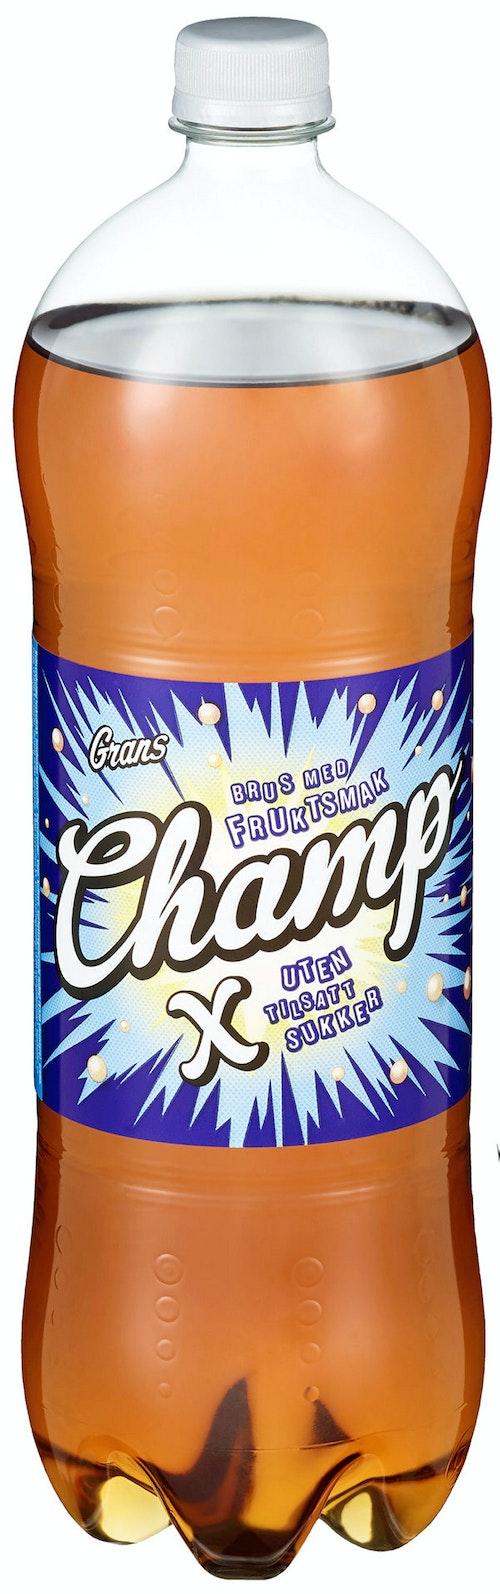 Grans Bryggeri Champ X 1,5 l